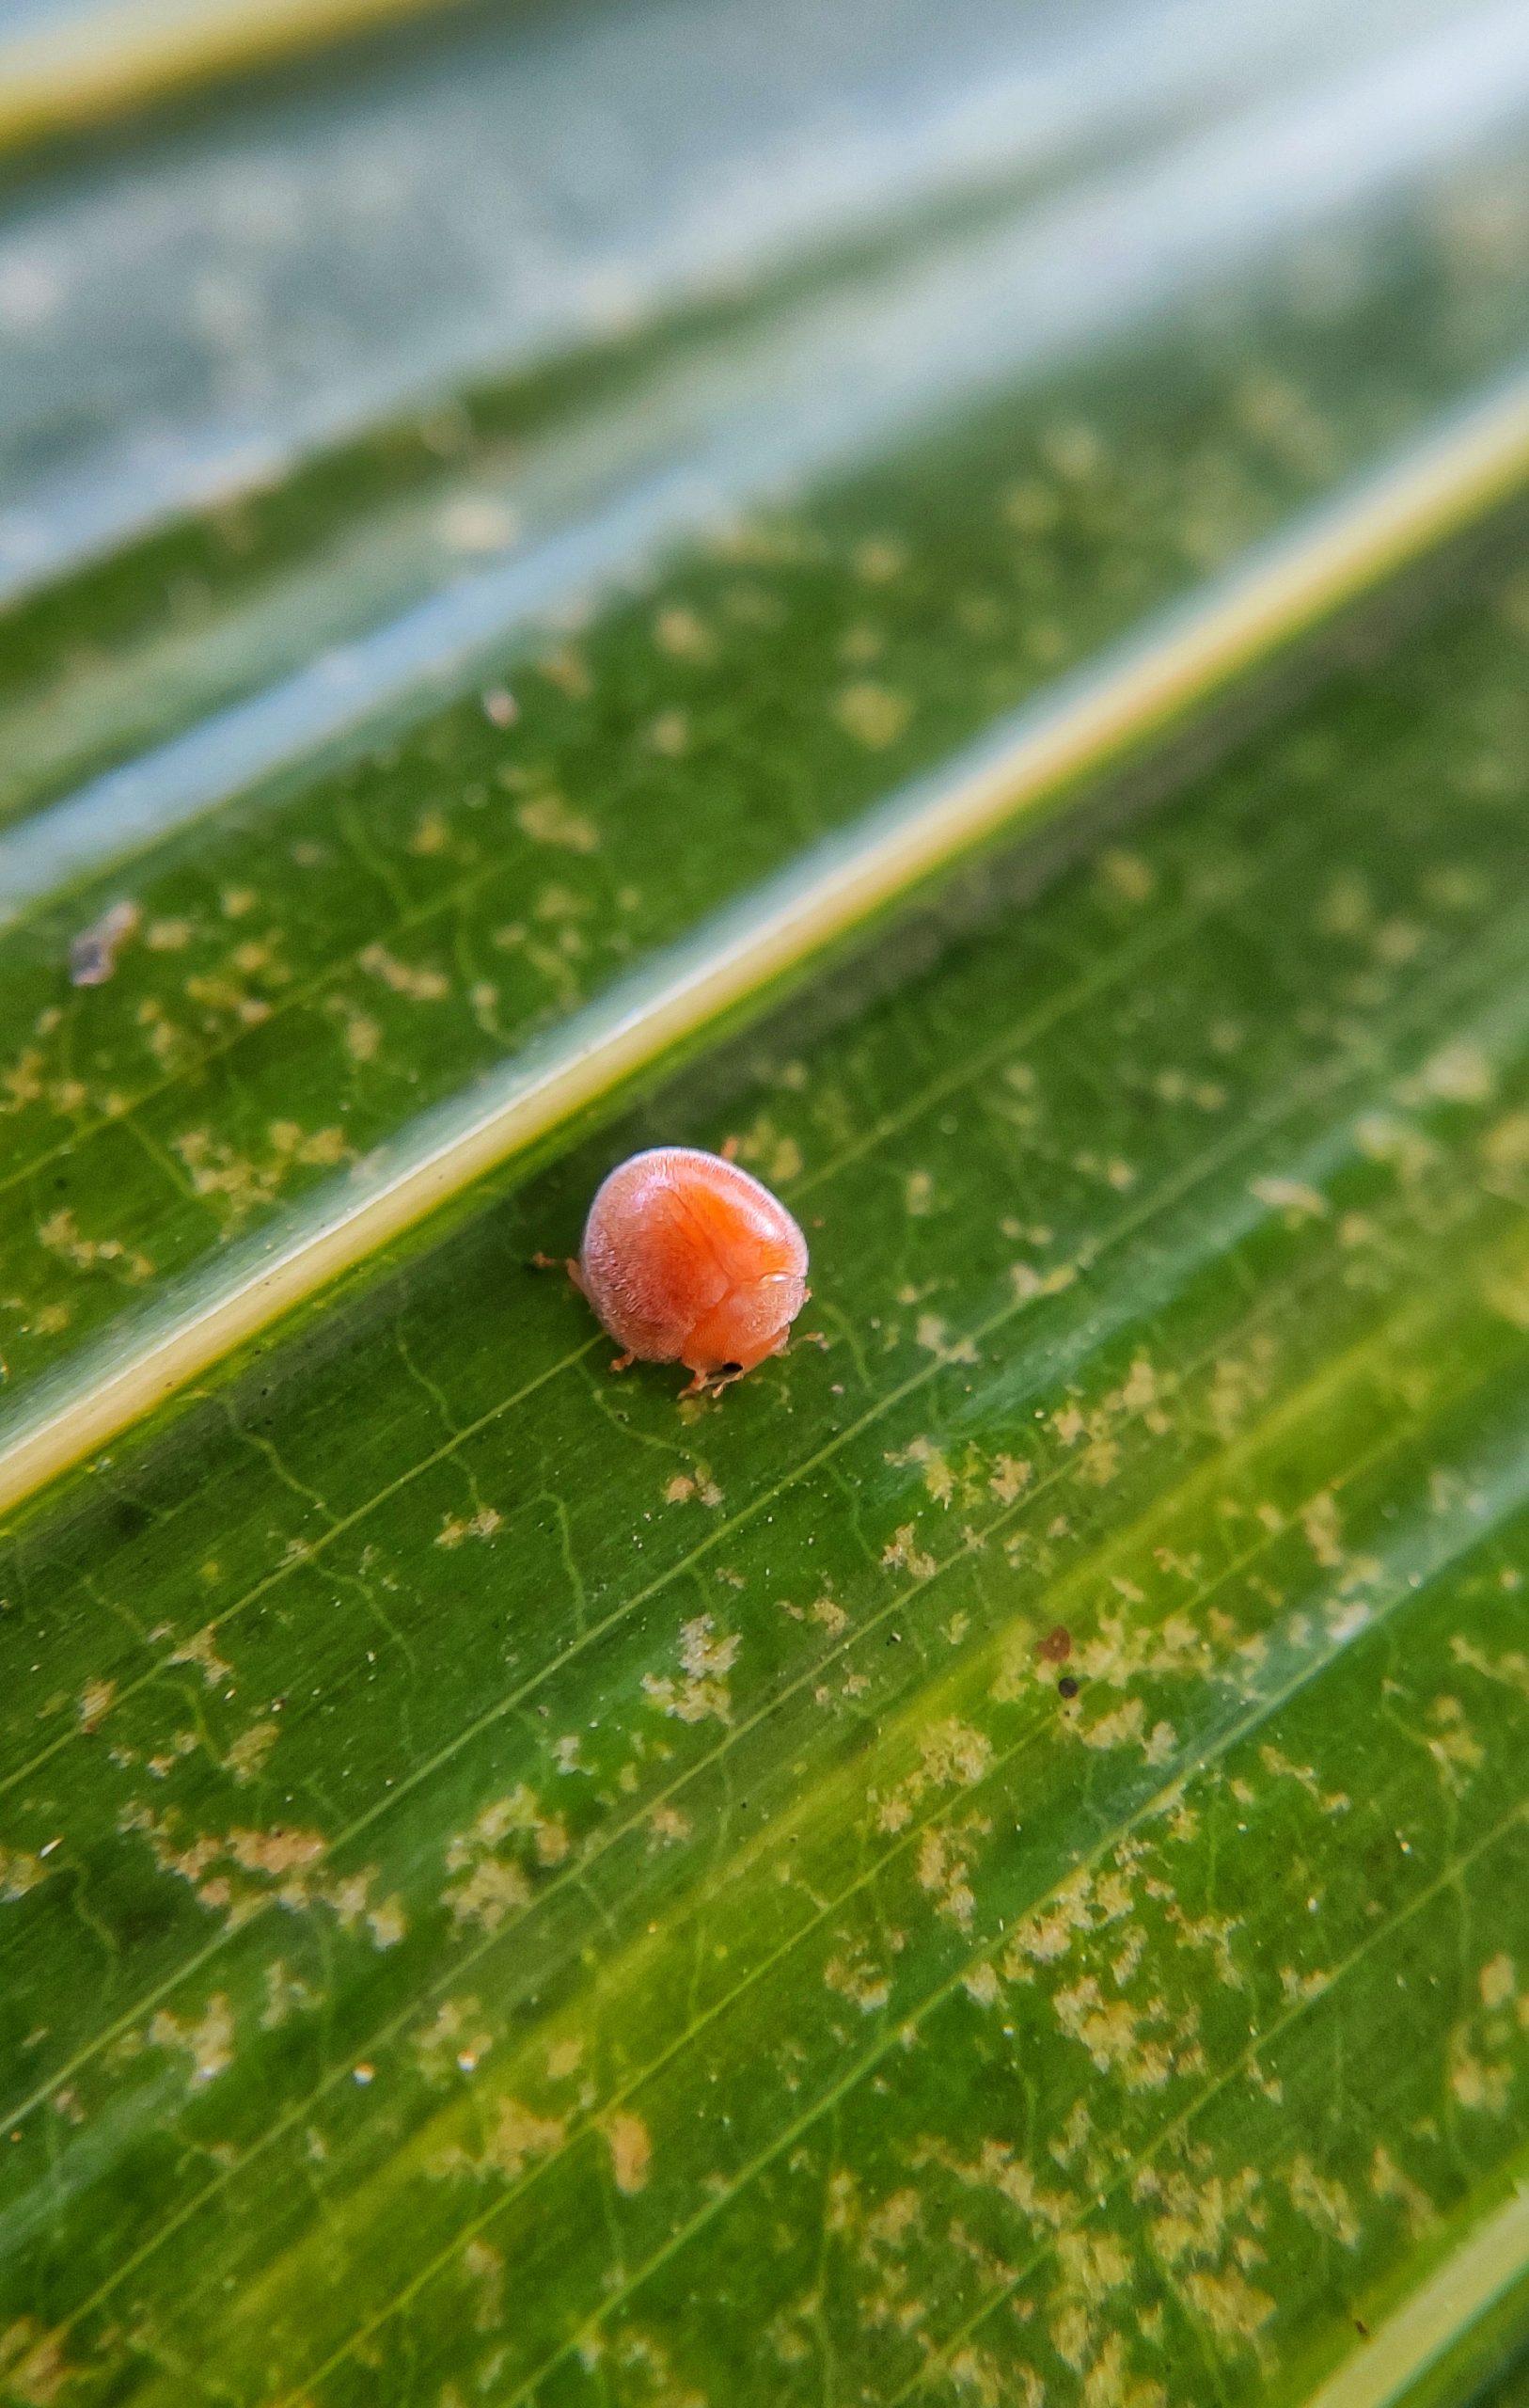 Tiny bug on leaf